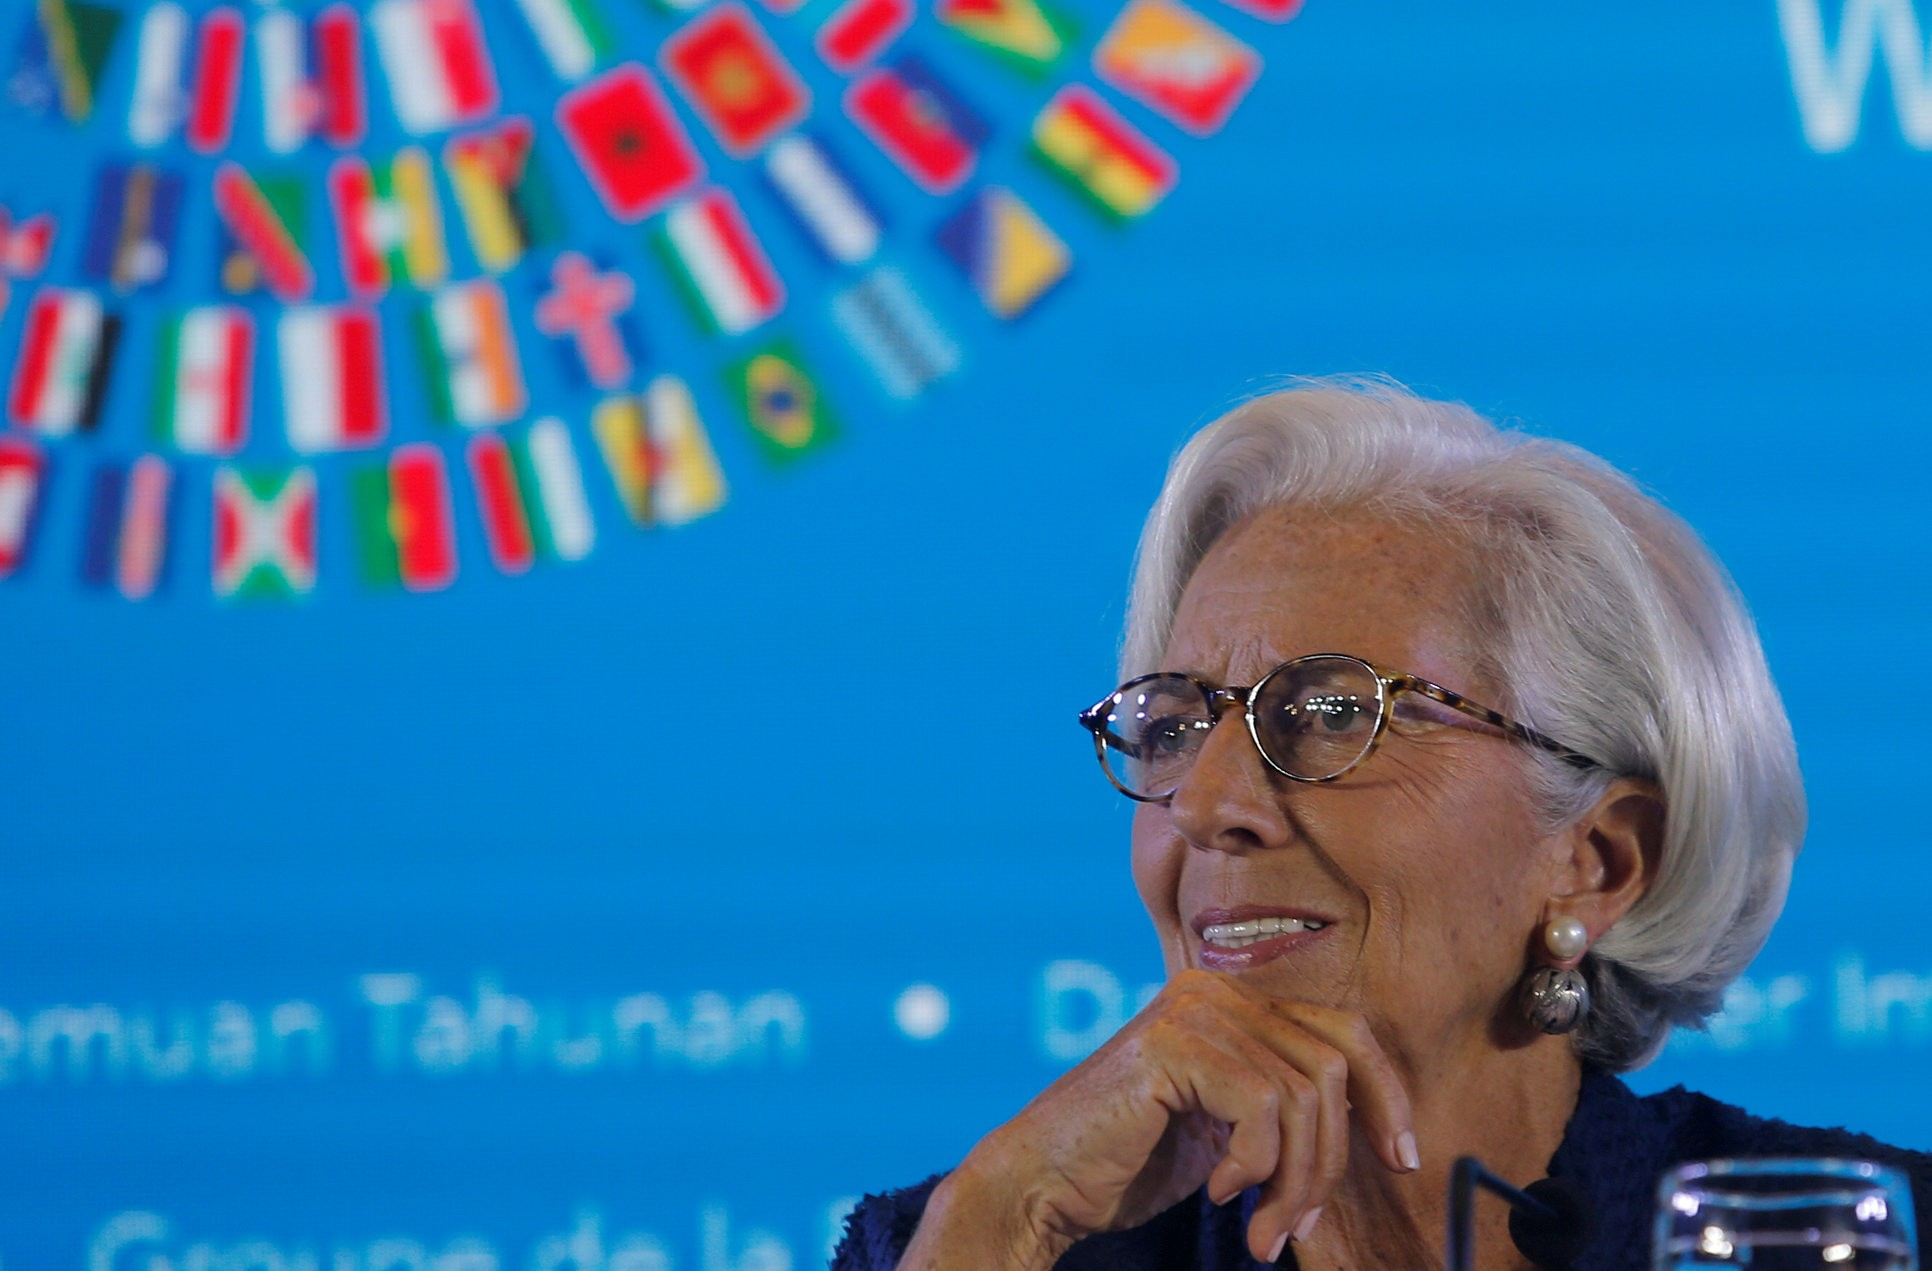 Bancos Centrais devem considerar possibilidade de emitir moedas digitais, diz FMI - Radio Evangelho Gospel